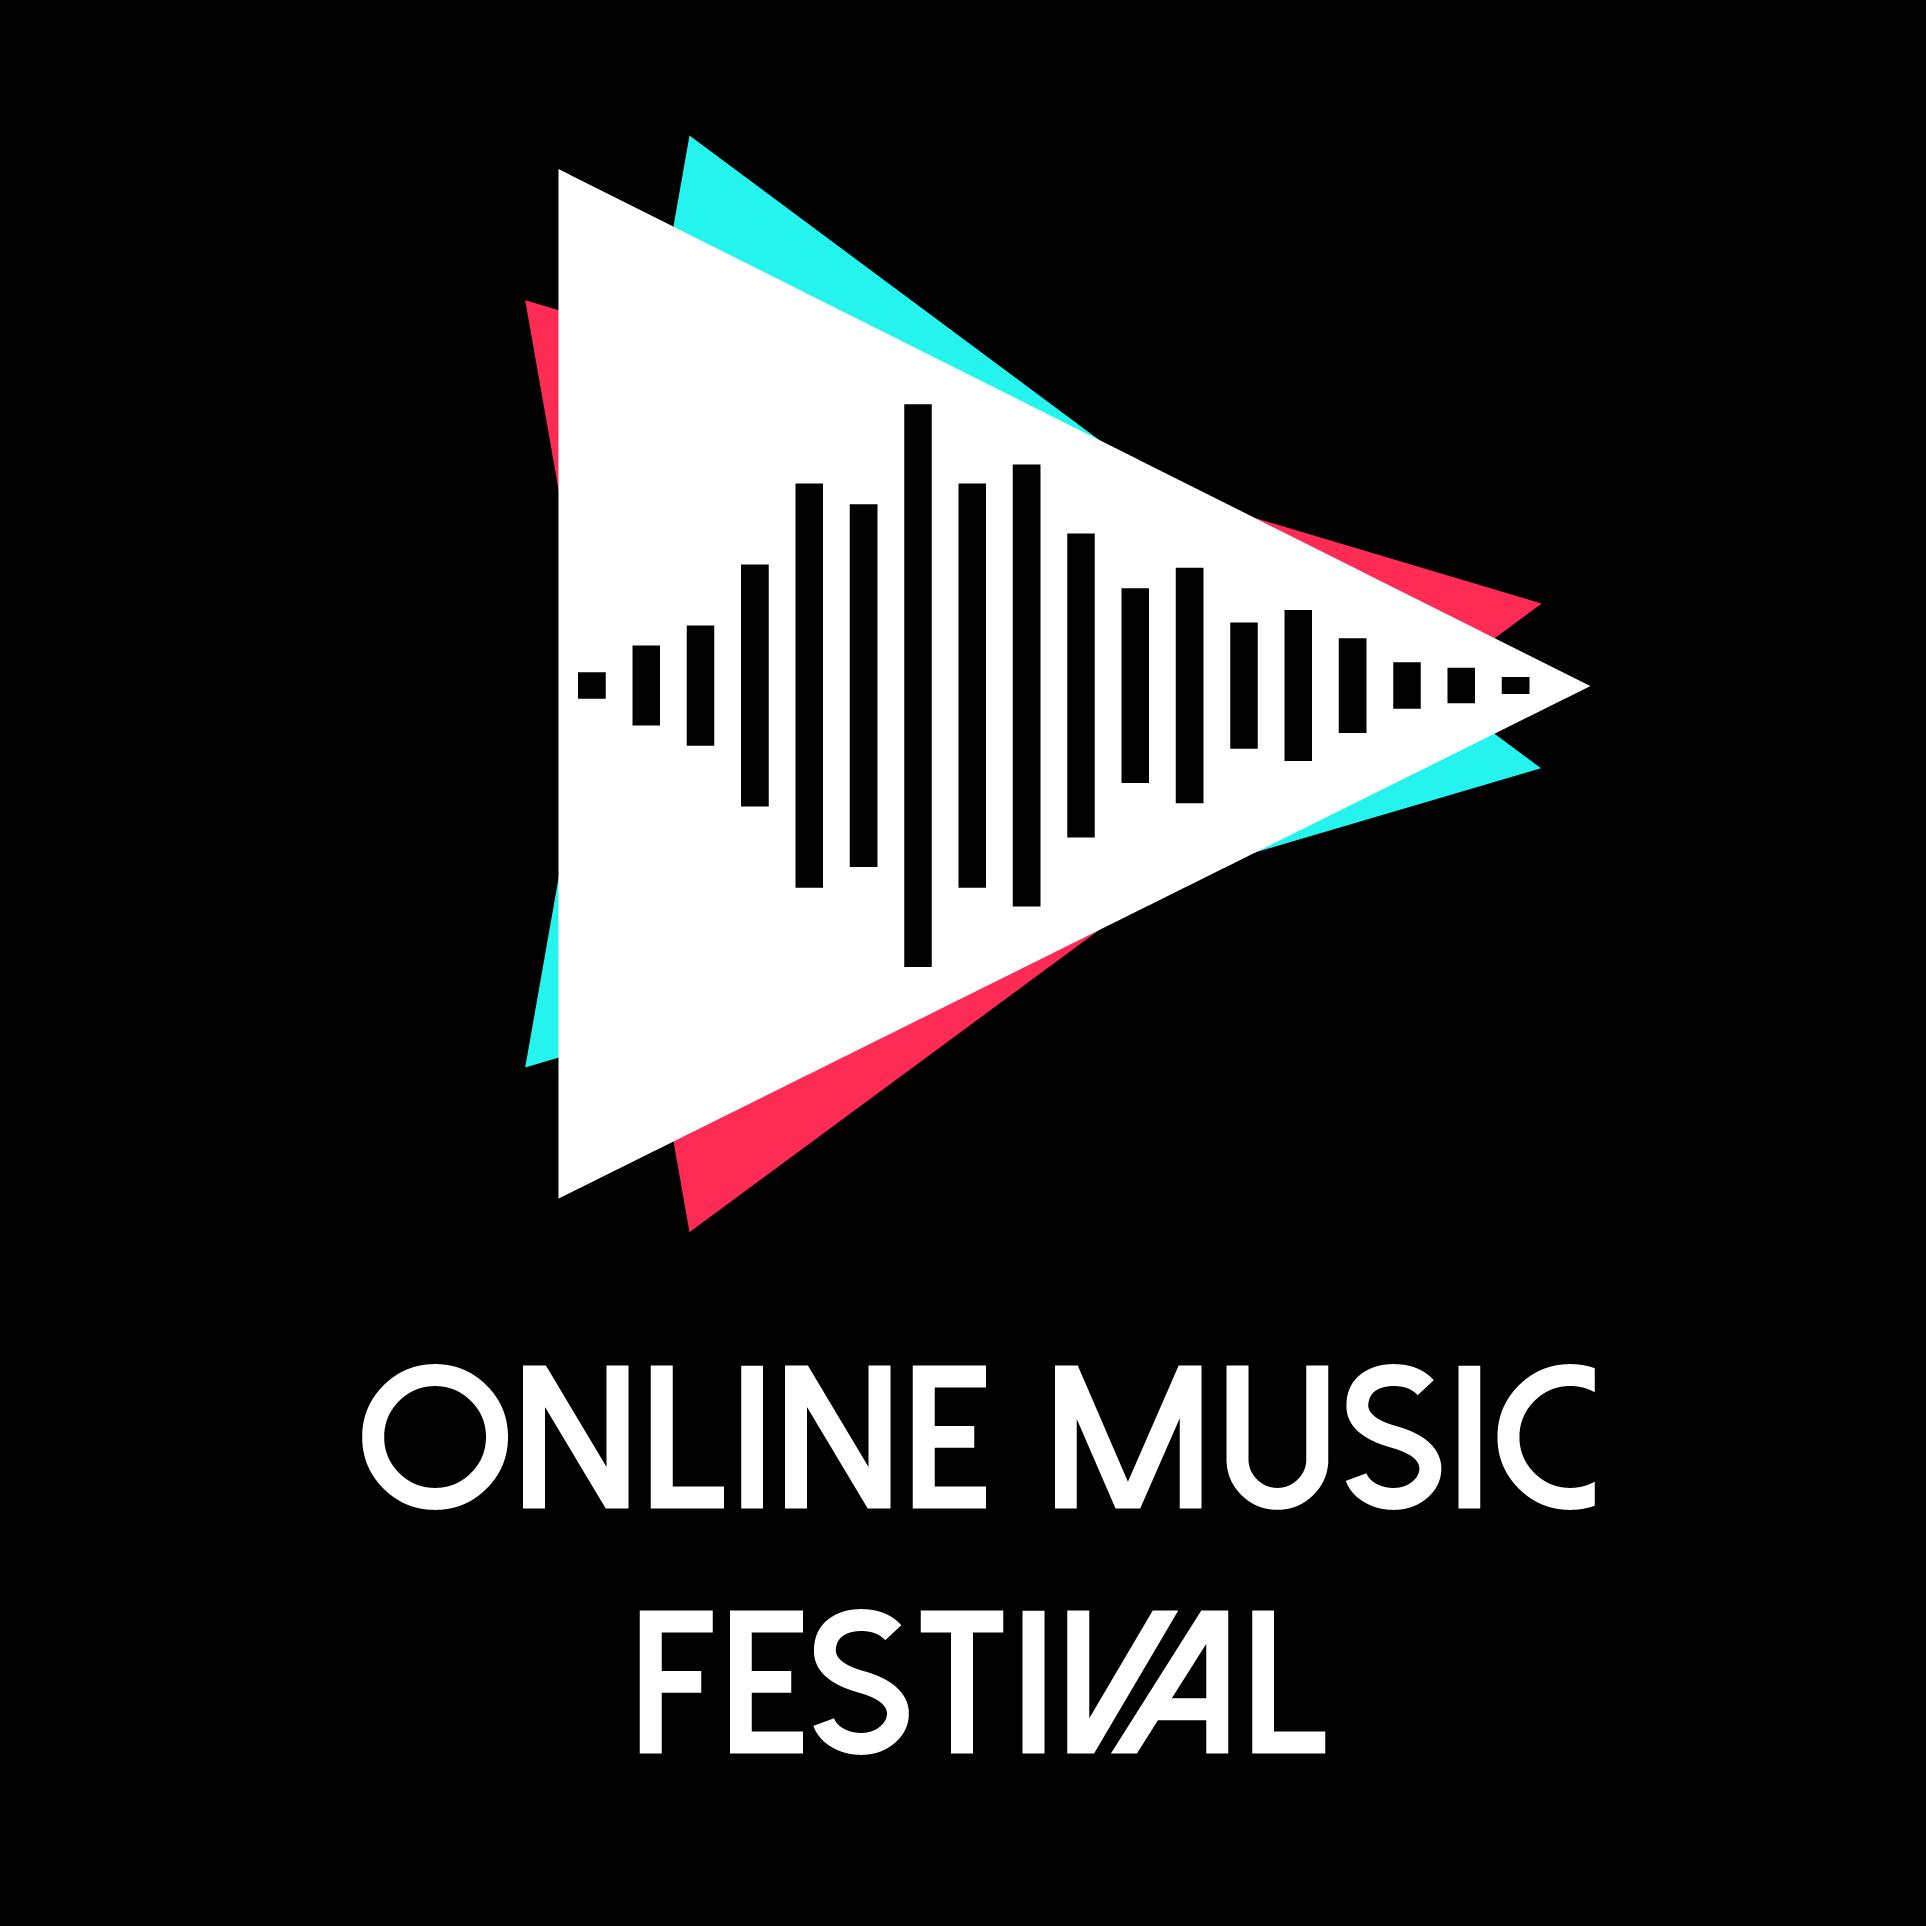 onlinemusicfestival